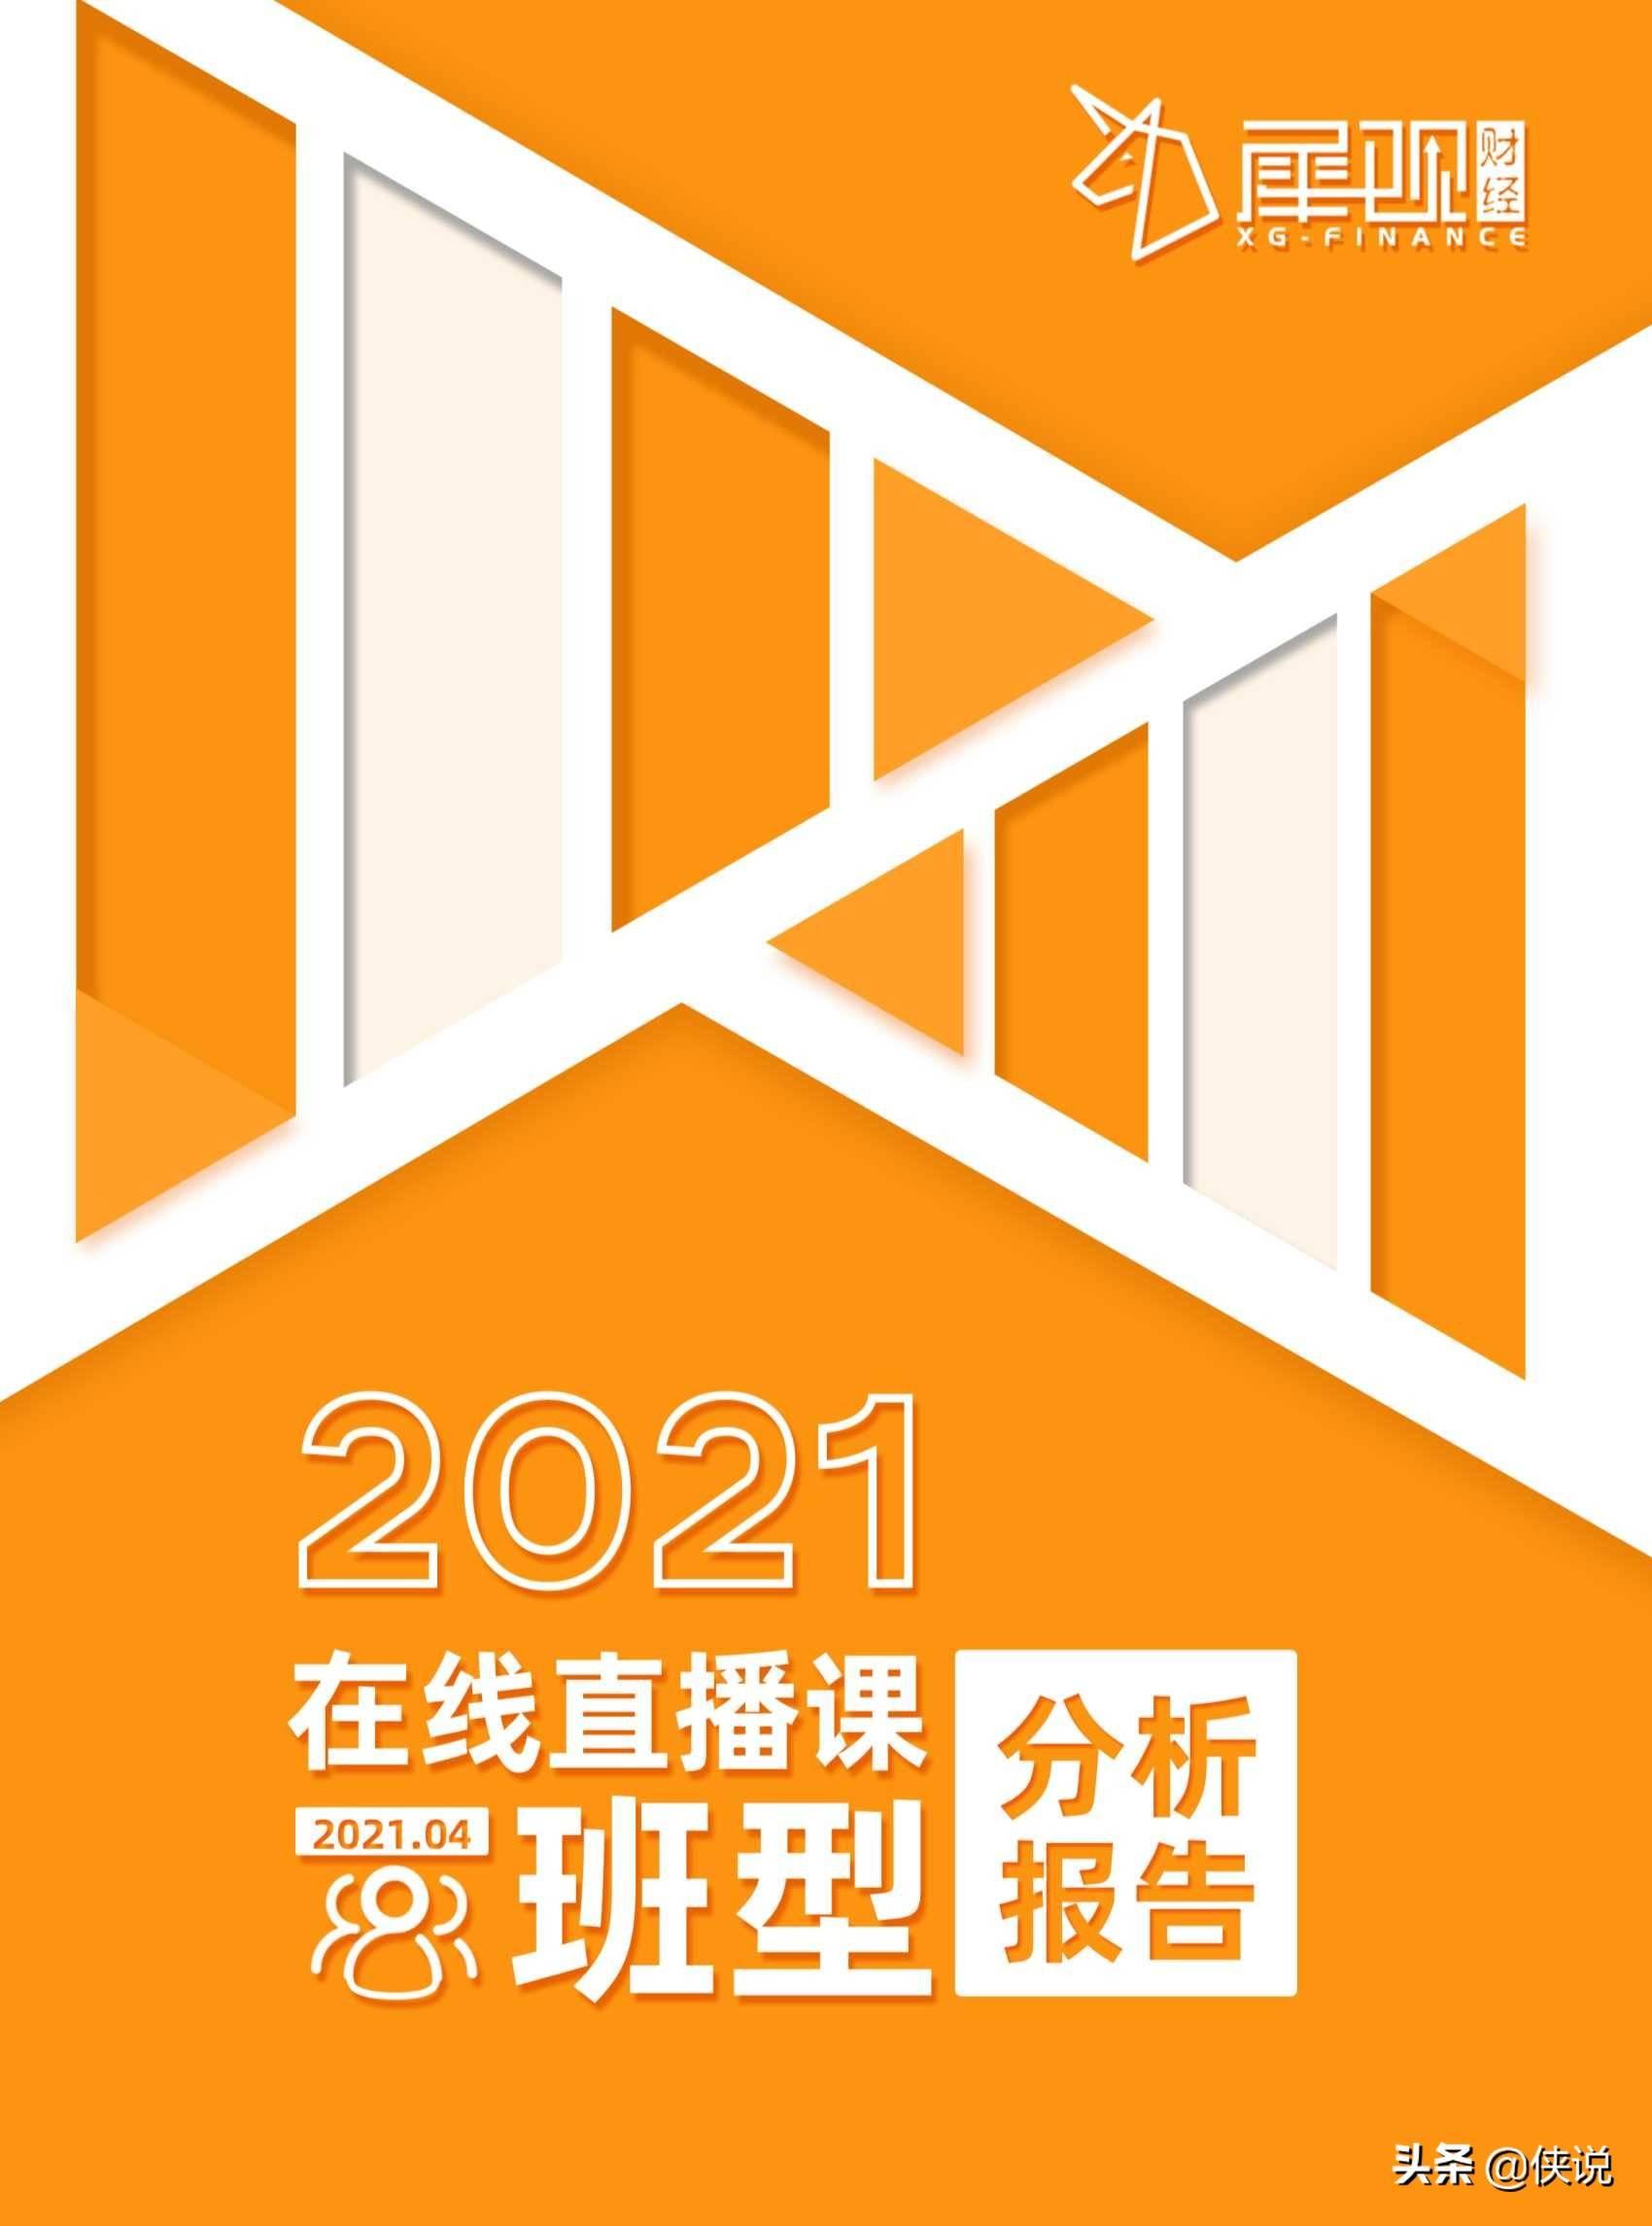 《2021在线直播课班型分析报告》| 犀观财经